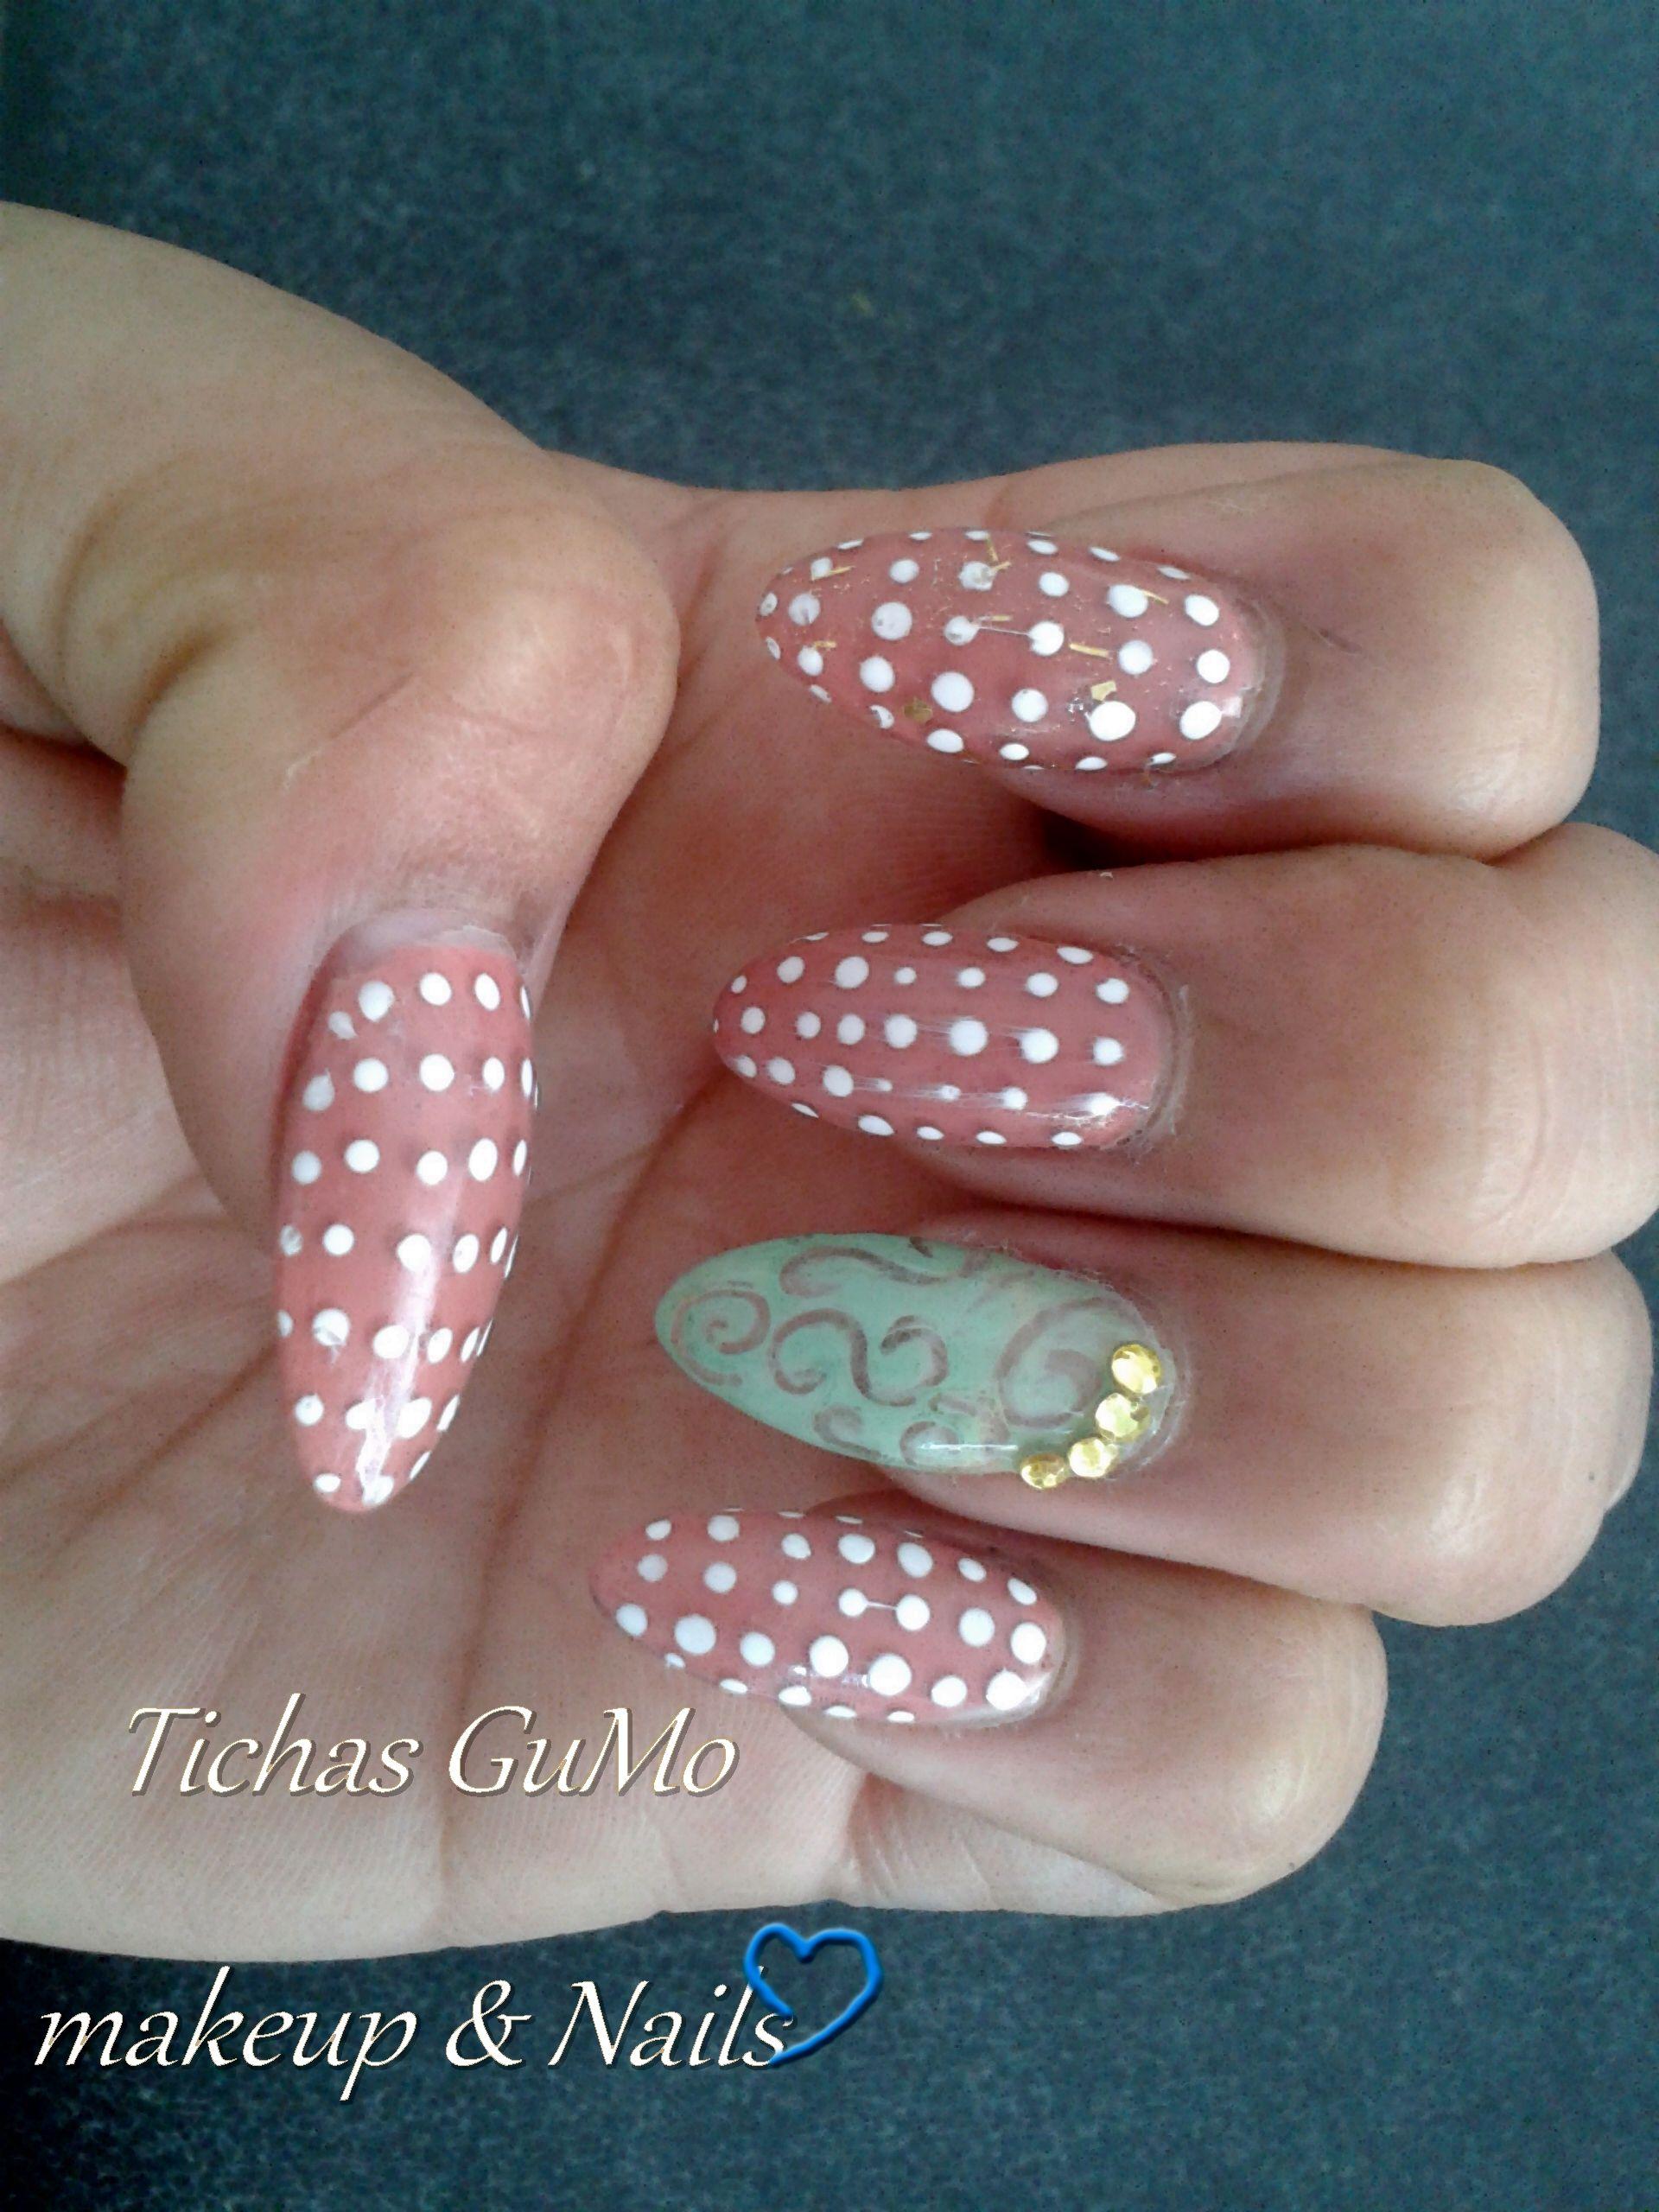 Uñas acrílicas con puntos y esmalte color rosa y verde agua | Ticha ...